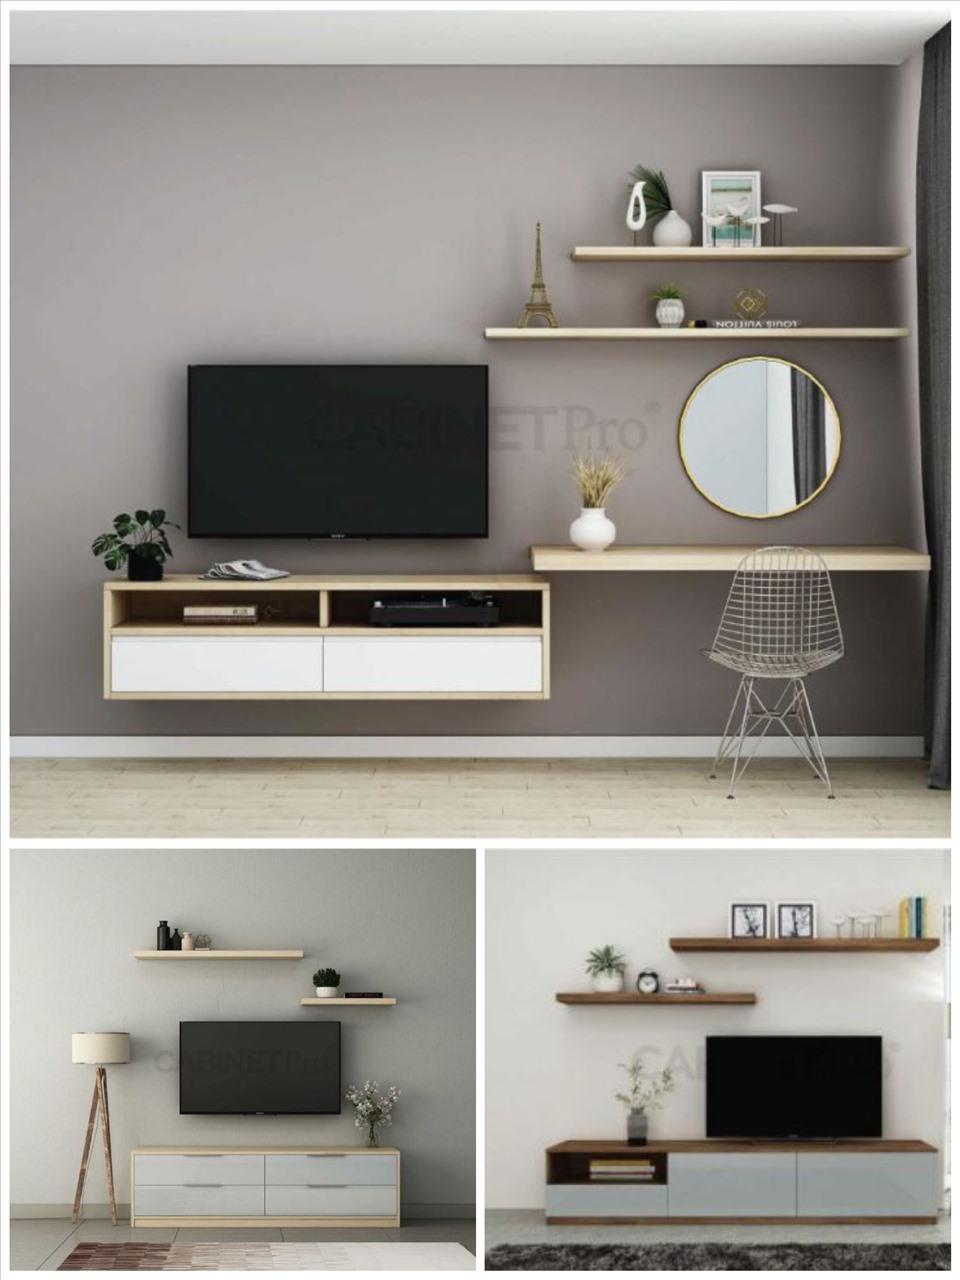 Những trang trí nhỏ tạo nên một không gian tối giản tinh tế.